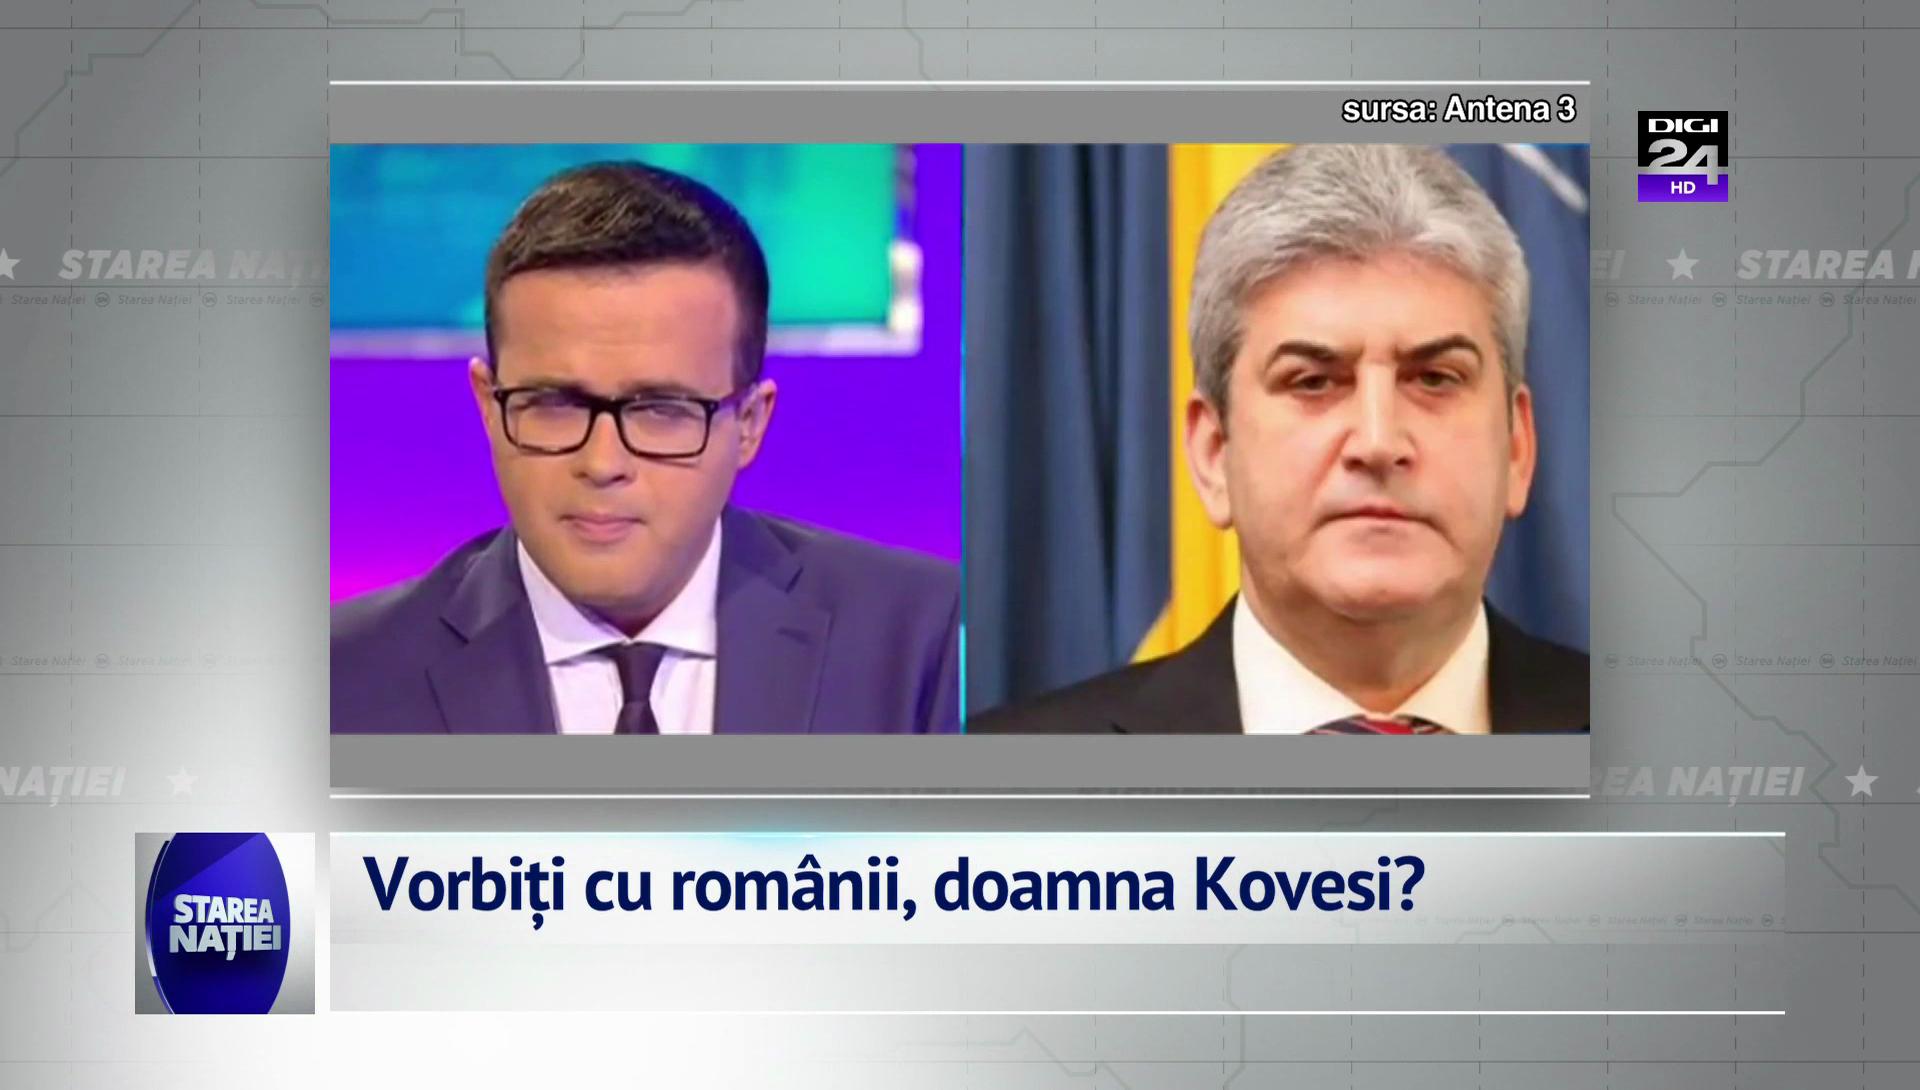 Vorbiți cu românii, doamna Kovesi?